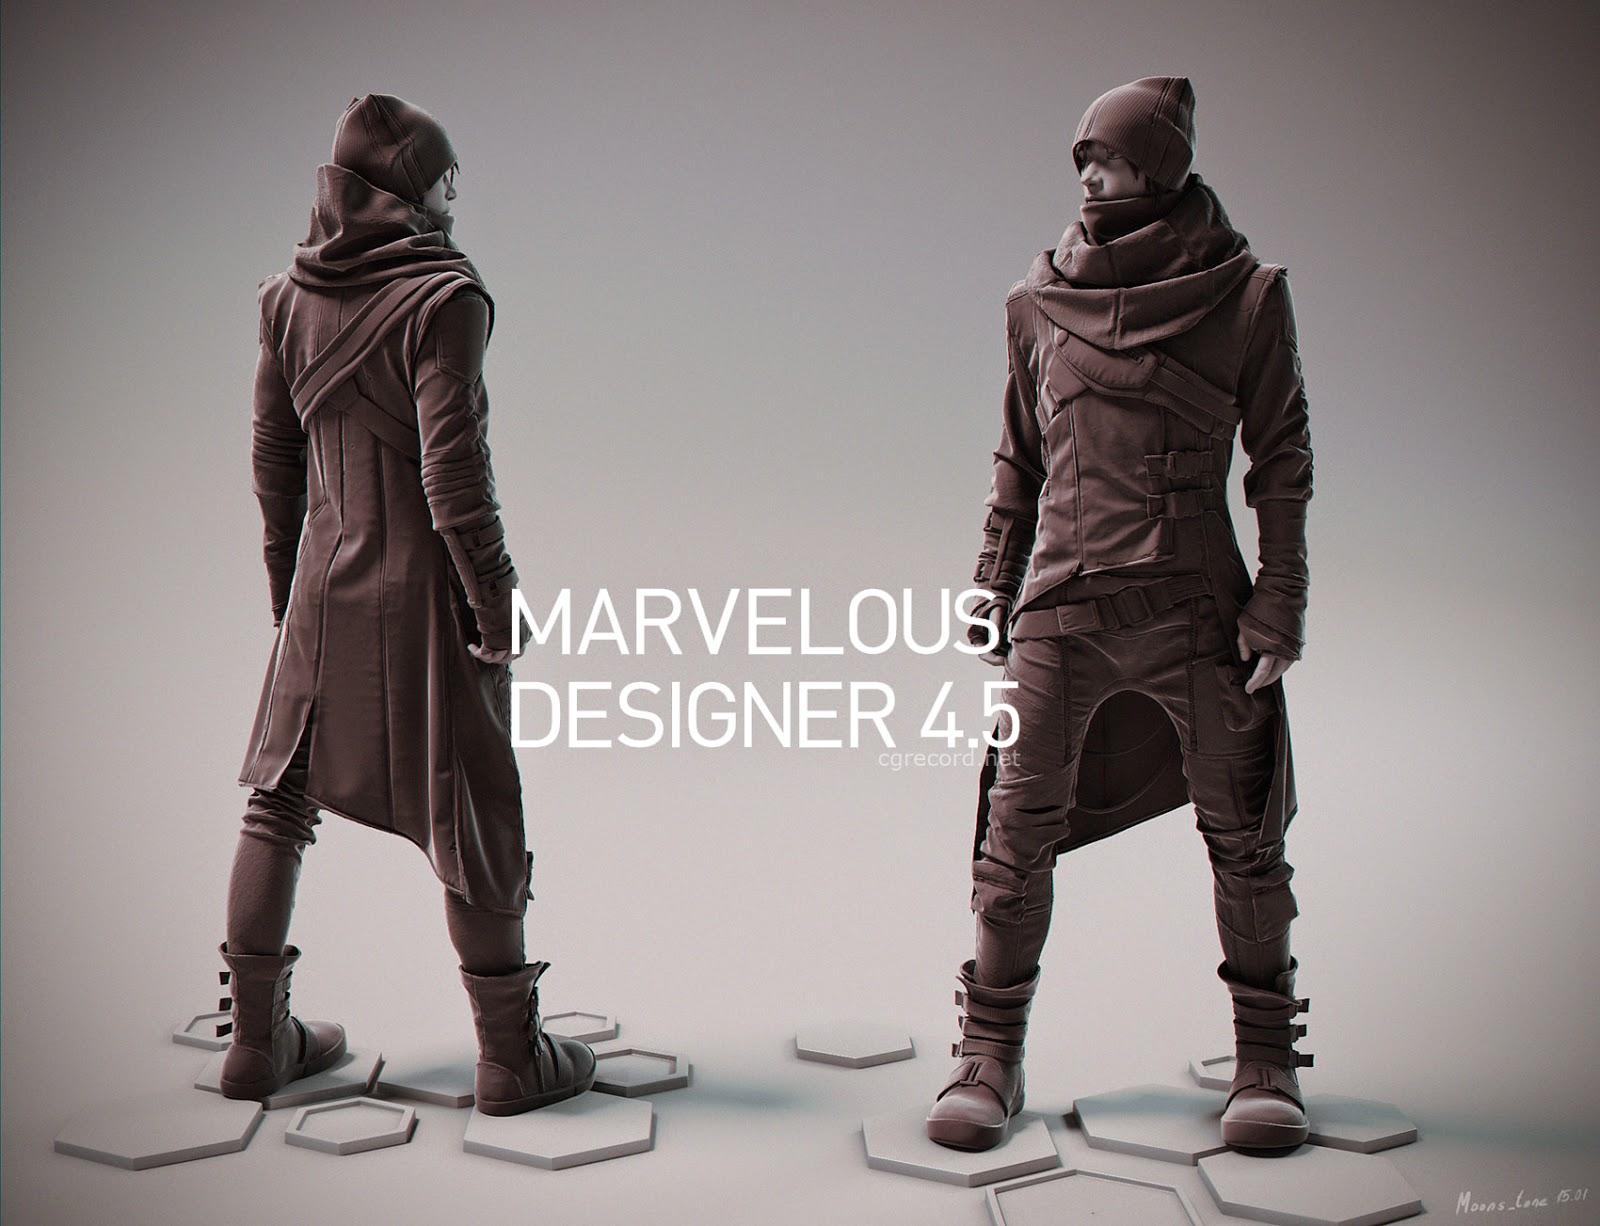 Marvelous Designer 4.5 | CG Daily News